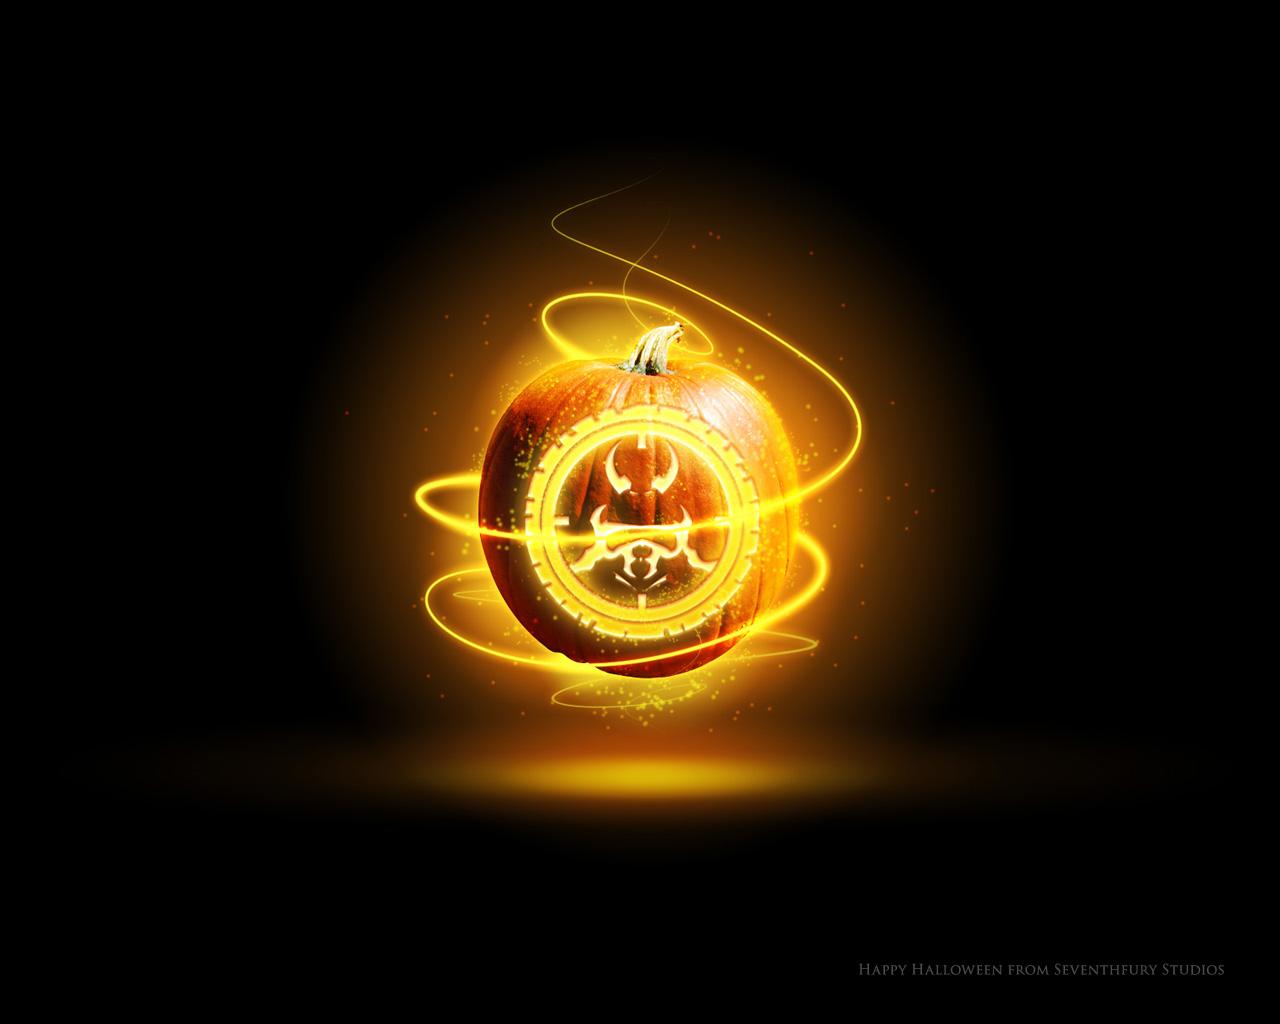 http://2.bp.blogspot.com/-YIkUKjg6xzw/UD3OTtNBj7I/AAAAAAAAAHc/9C_7OgrVVXs/s1600/pumpkin_halloween_wallpaper_hd.jpg